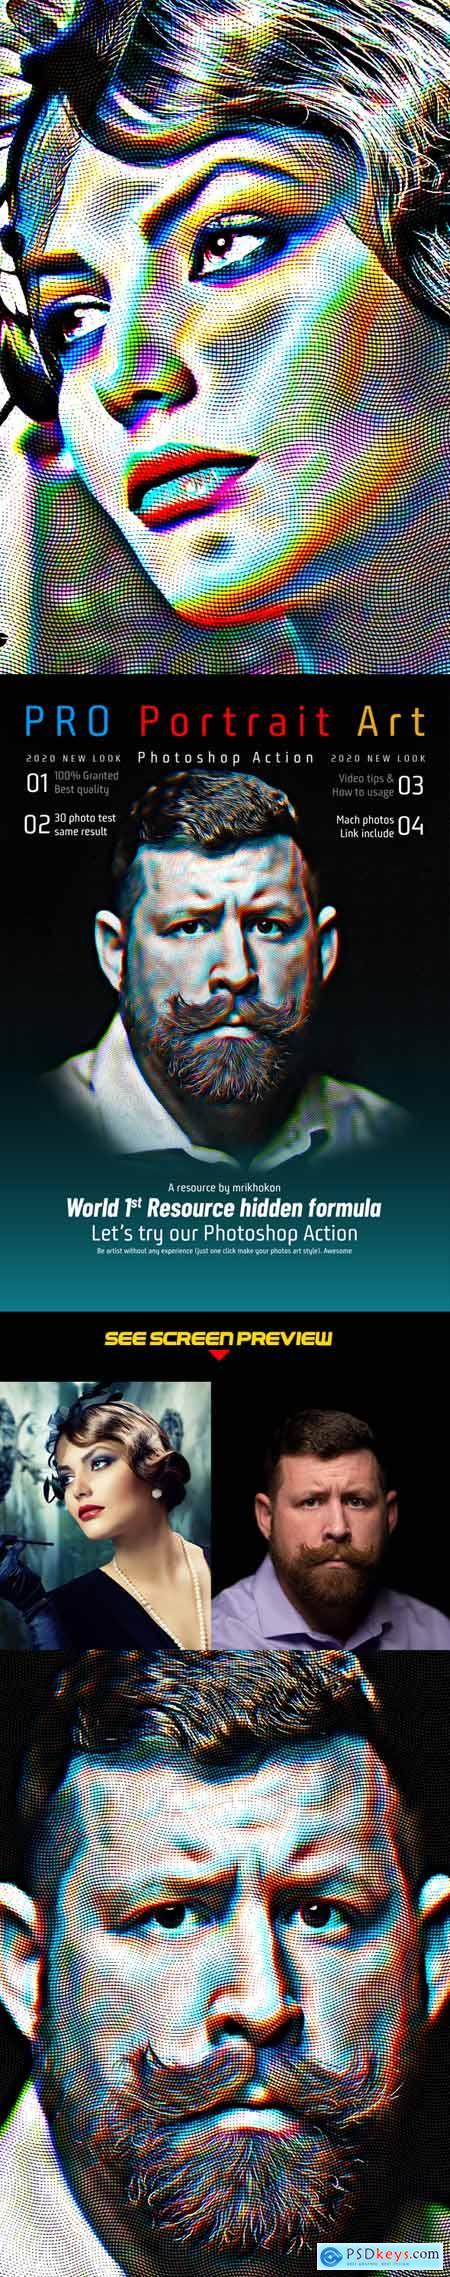 PRO Portrait Art Photoshop Action 25635762